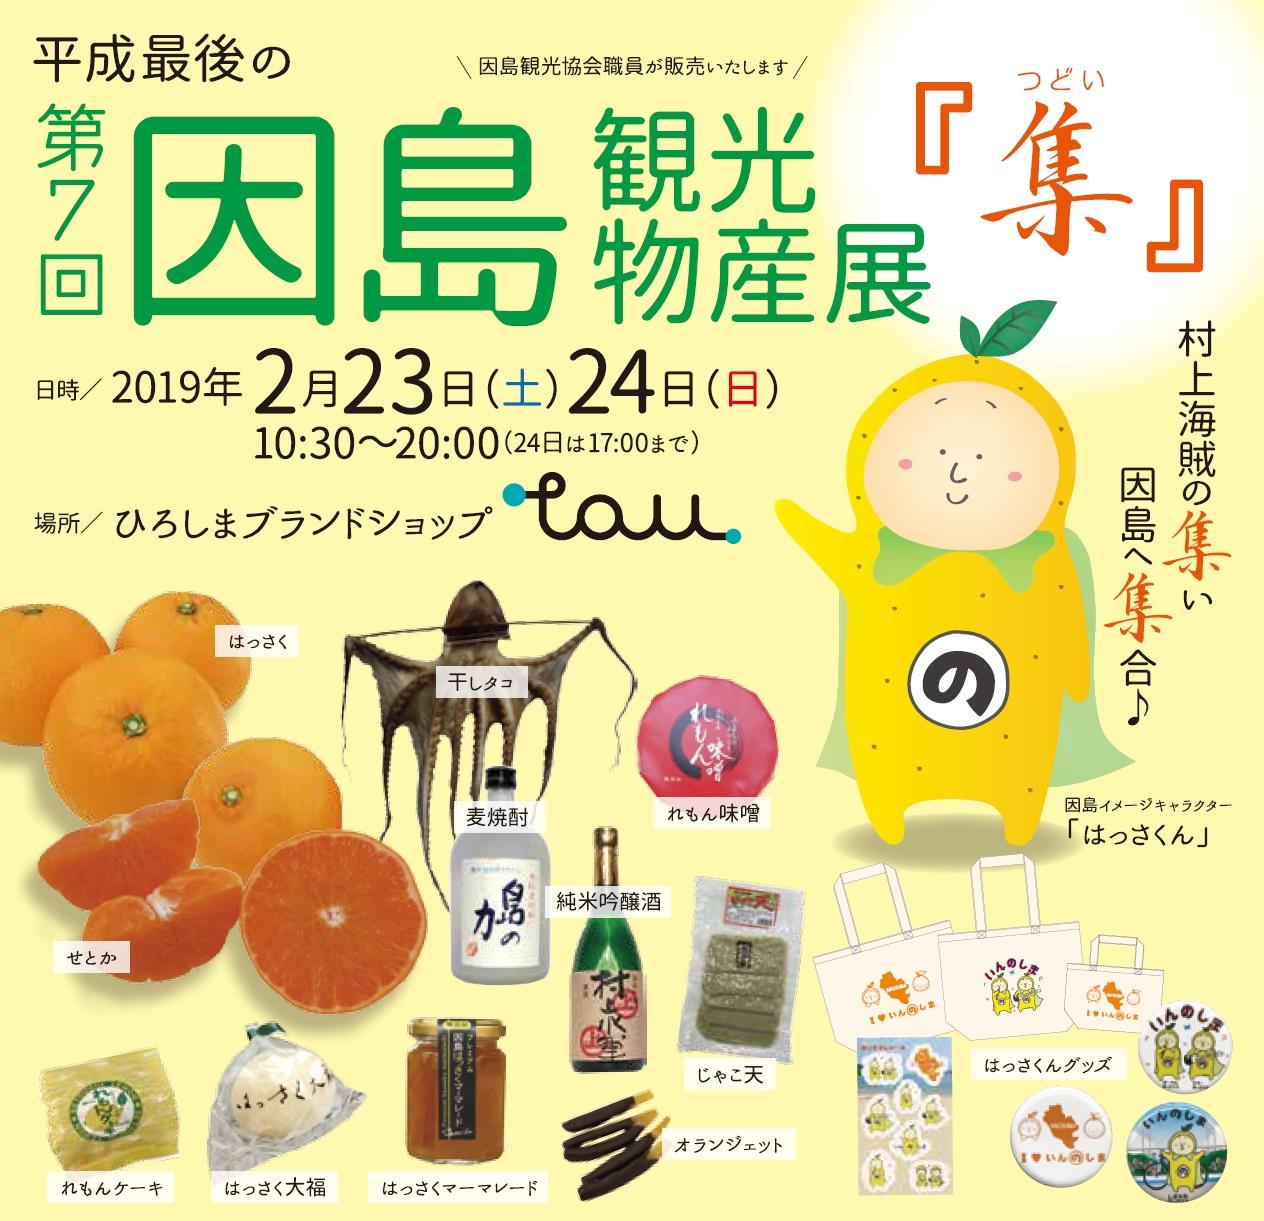 『がんばろう広島』平成最後の第7回「因島観光物産展」を開催!